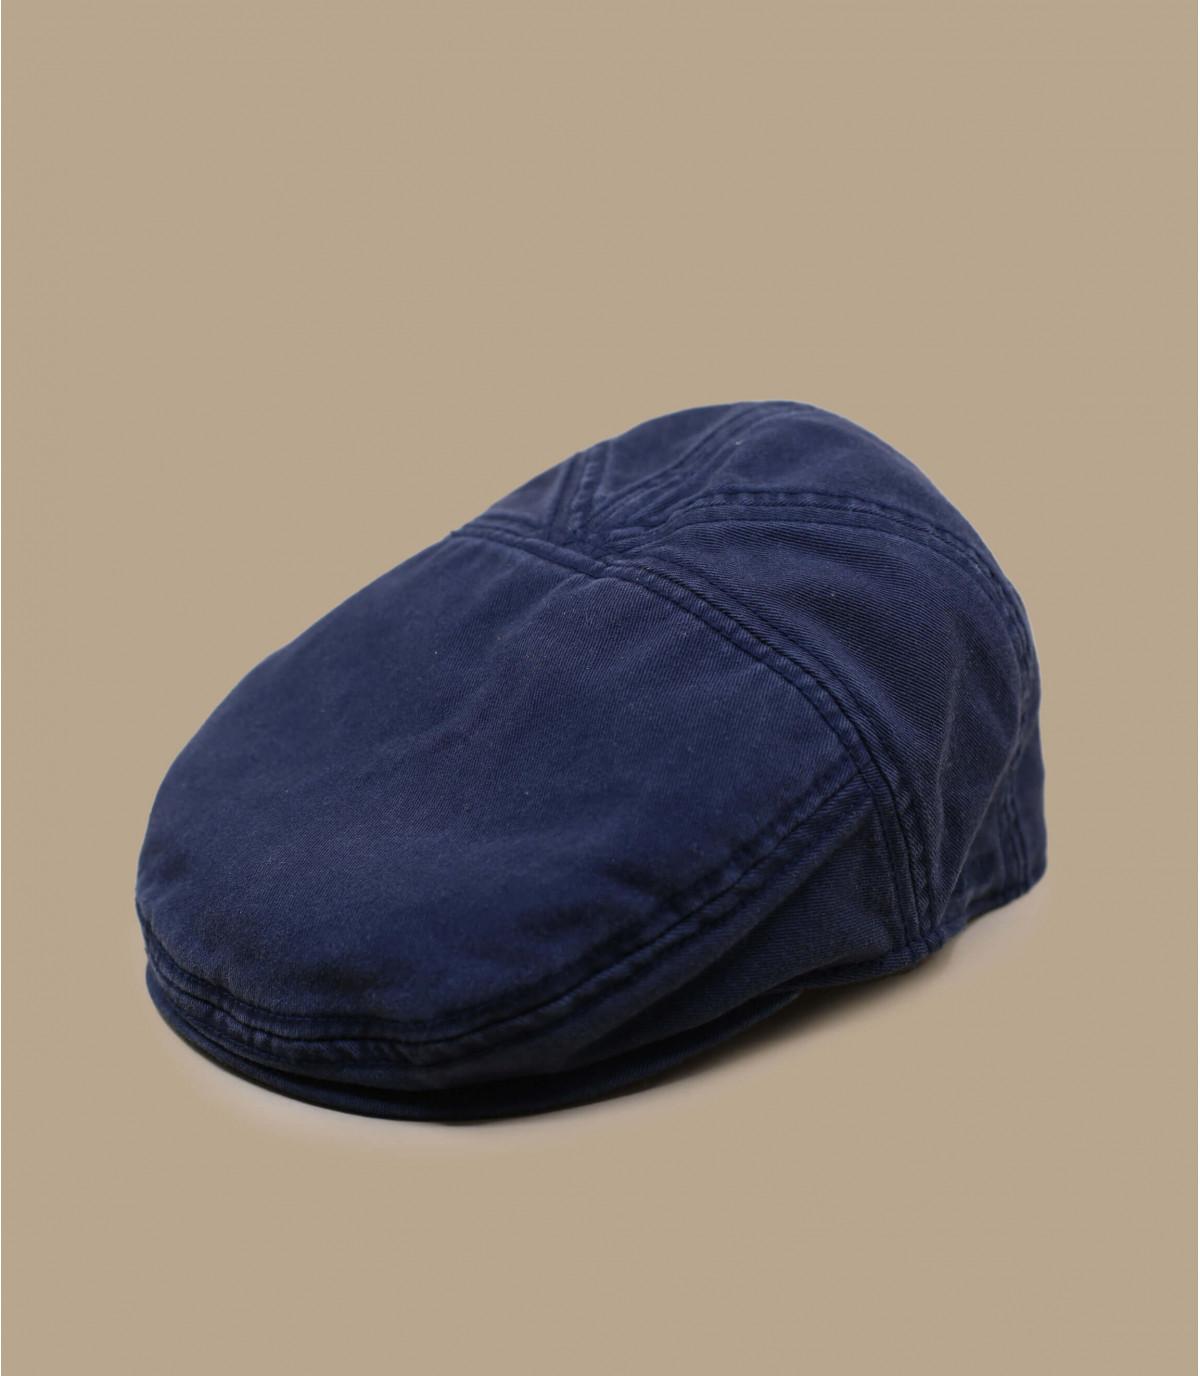 casquette plate coton marine